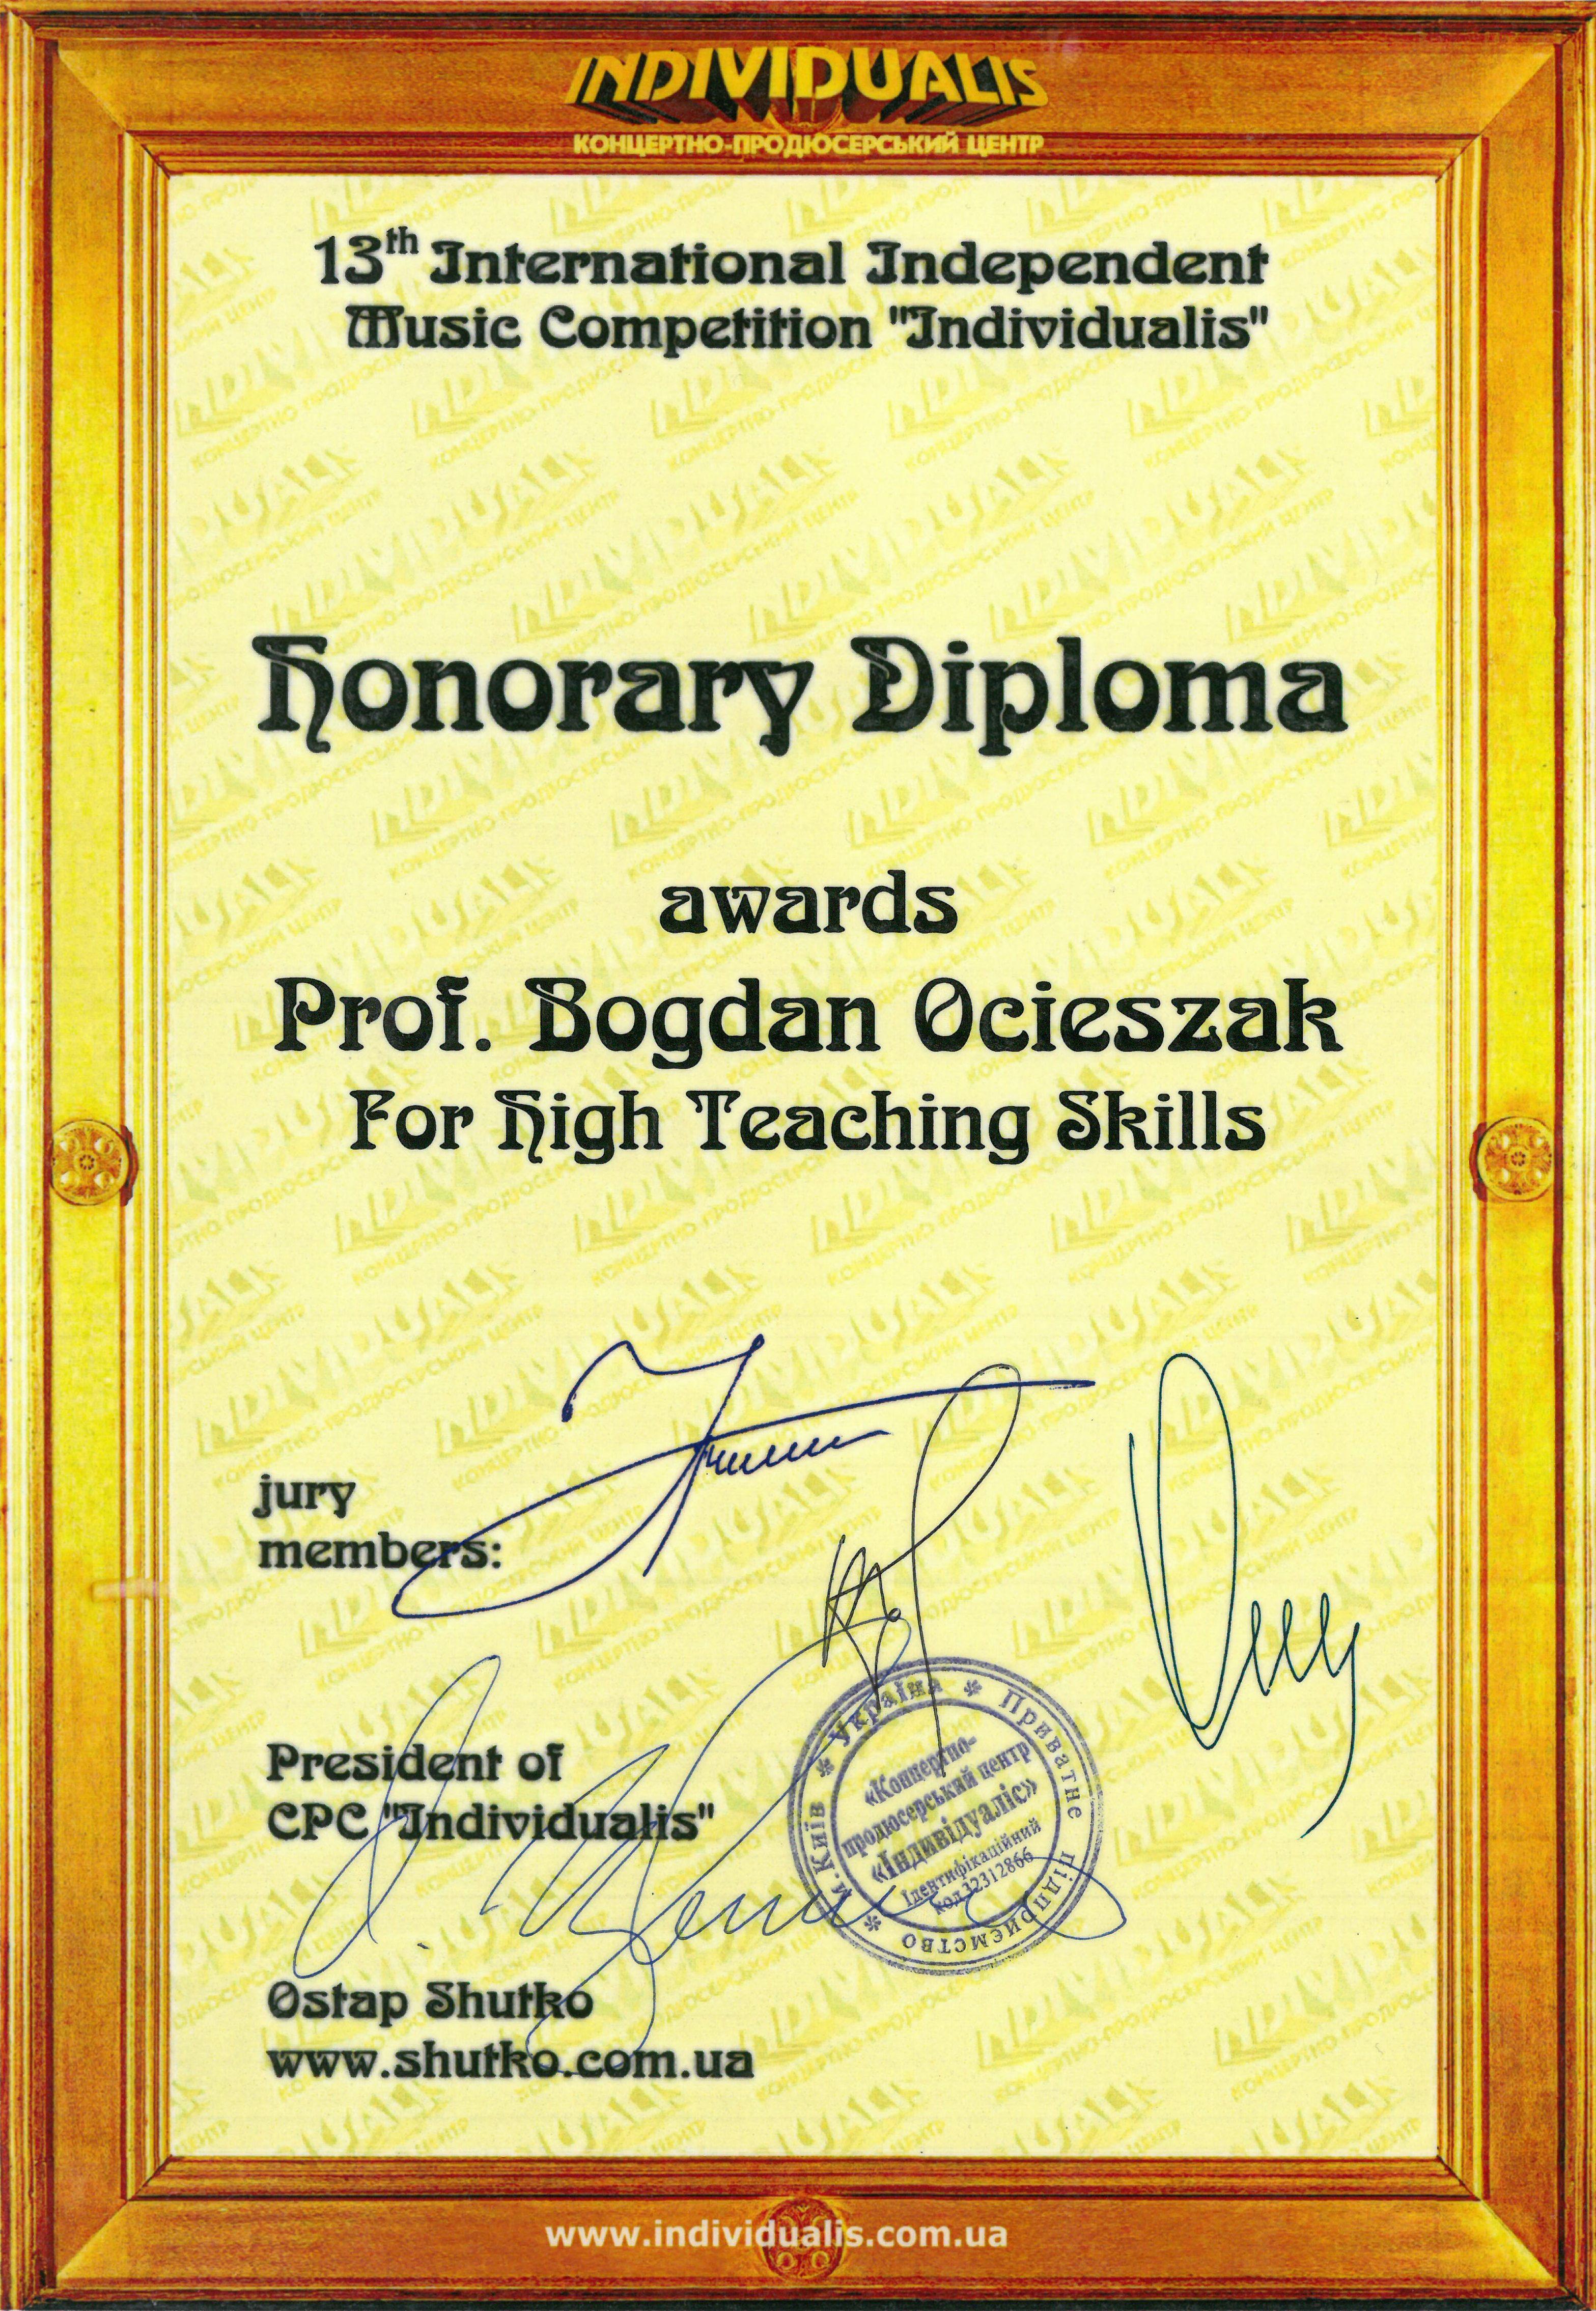 Ocieszak_dyplom_honorowy_Kijow_2015